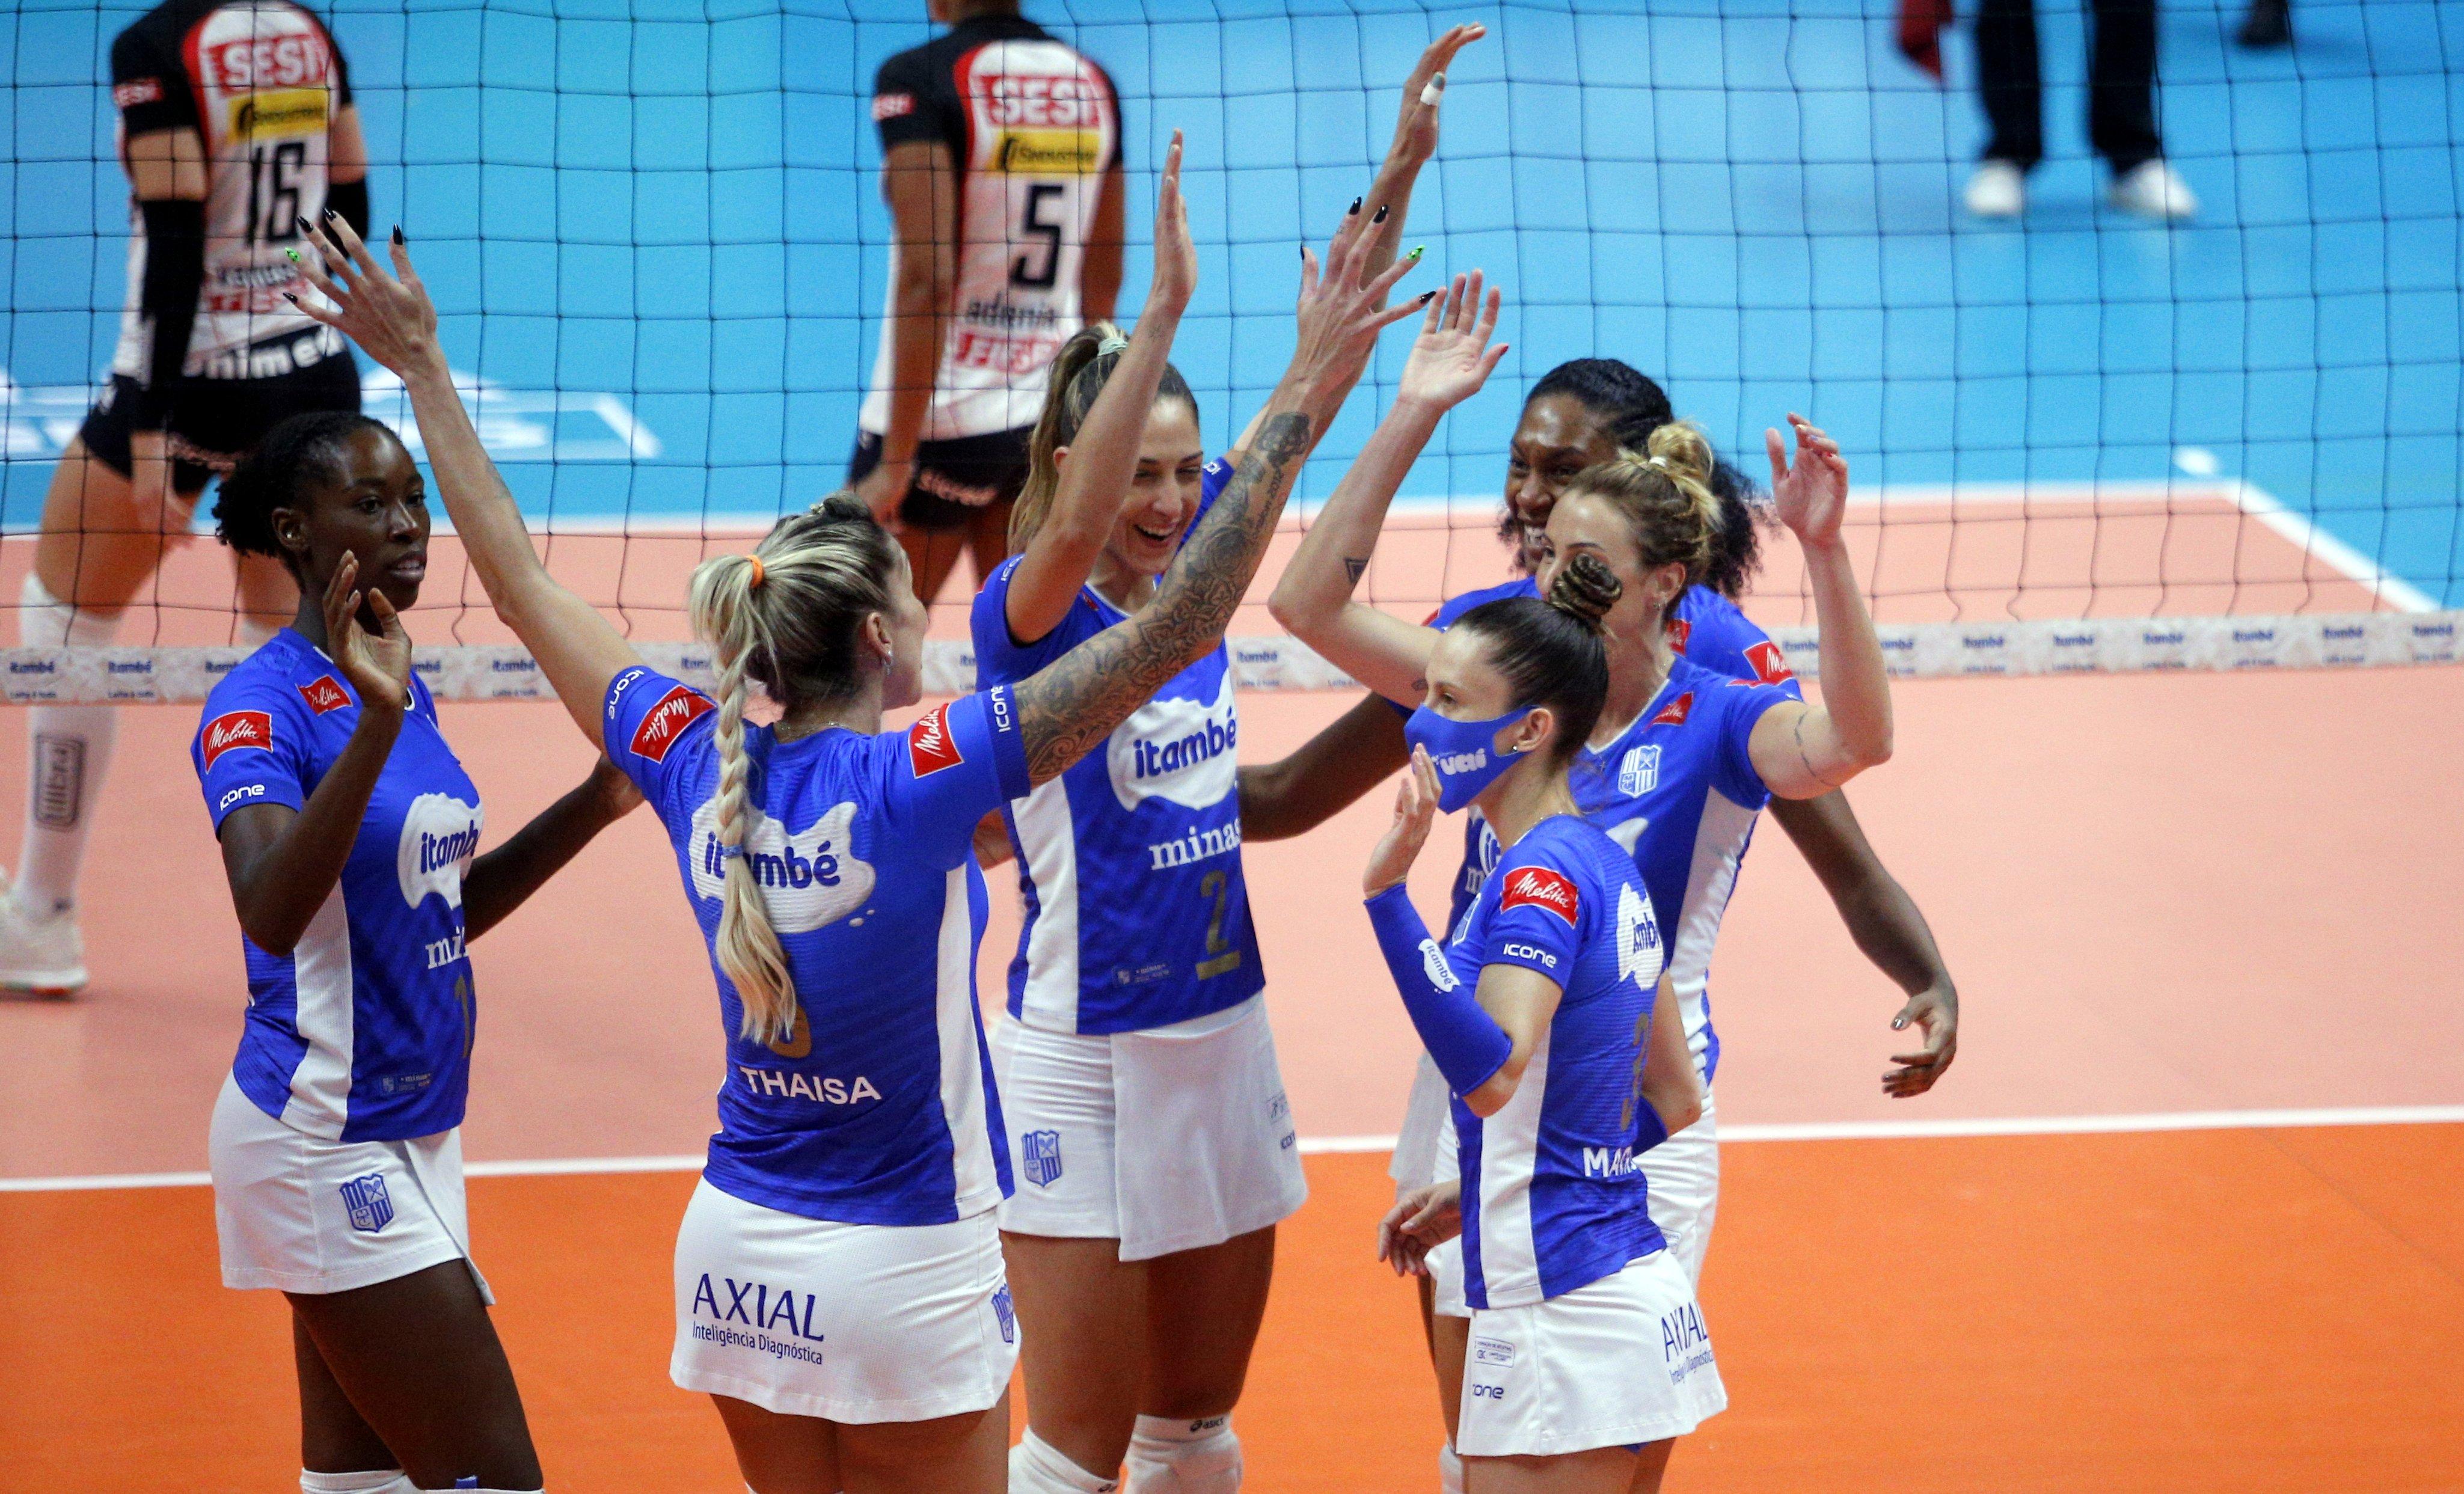 Itambé/Minas conquista a 14ª vitória seguida (Foto: Orlando Bento/MTC)